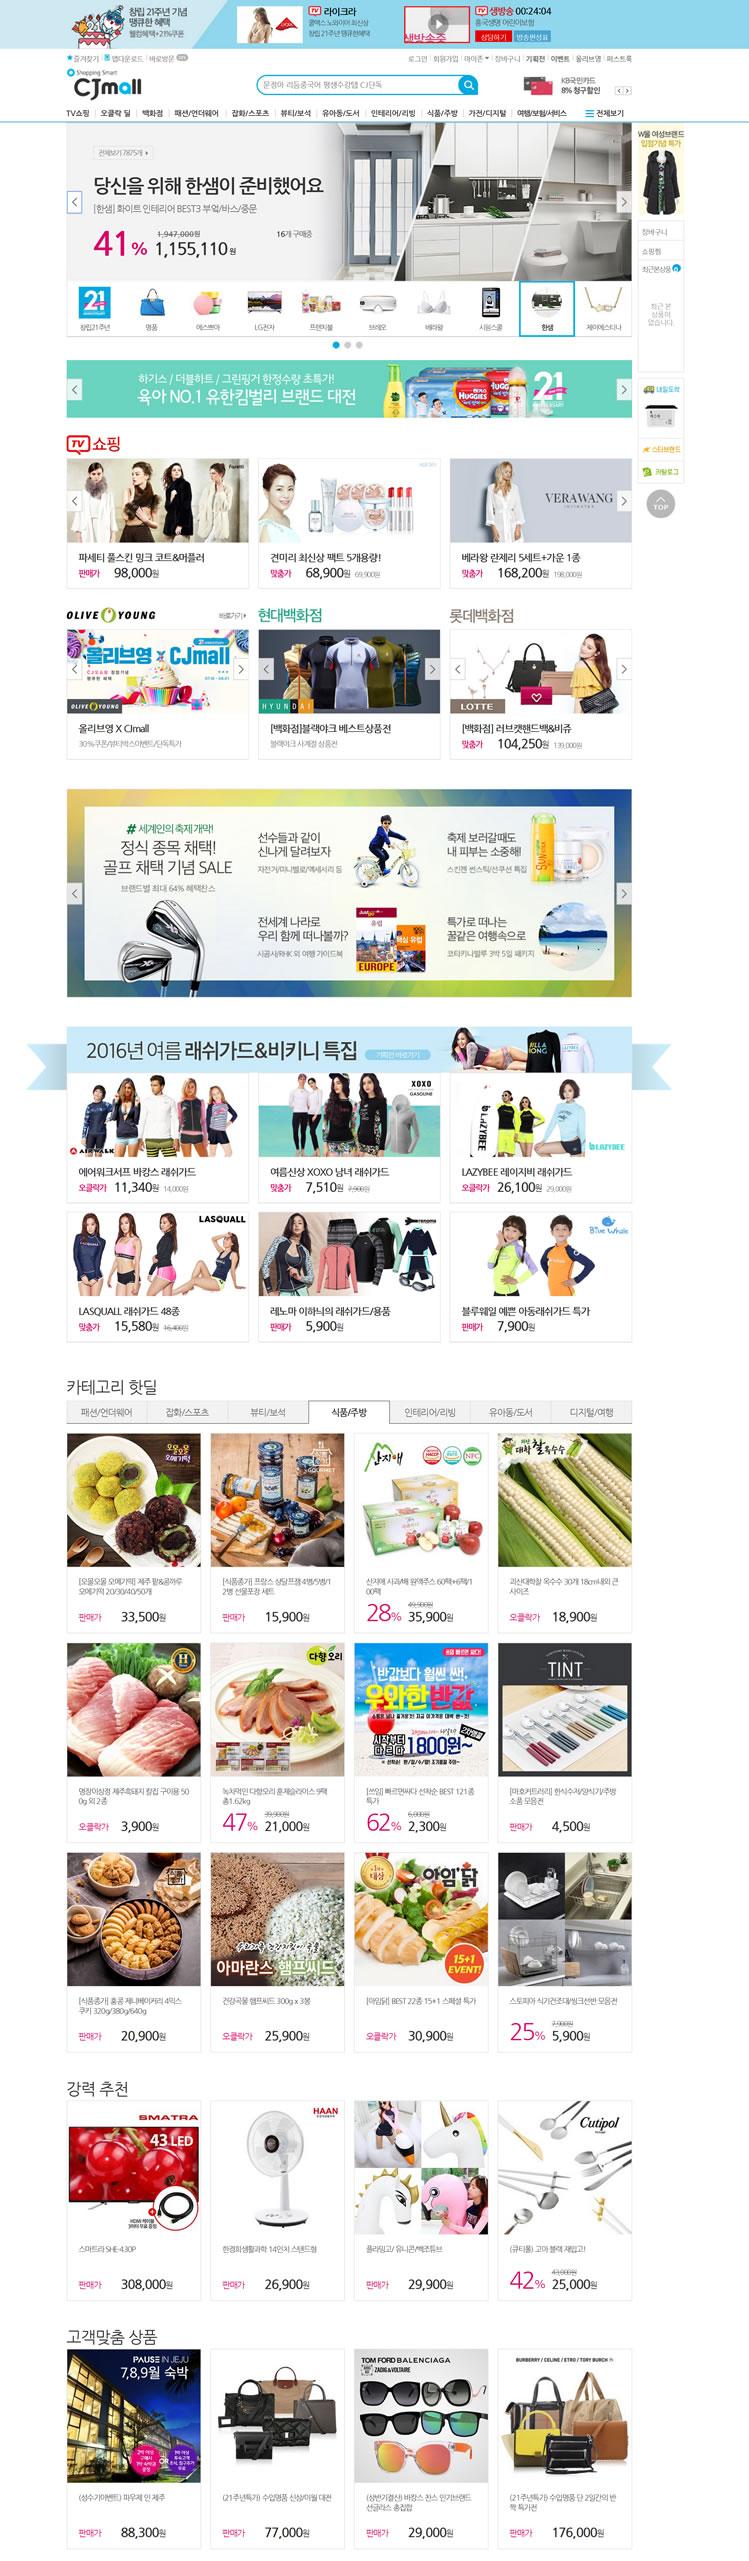 韩国知名的家庭购物网站:CJmall